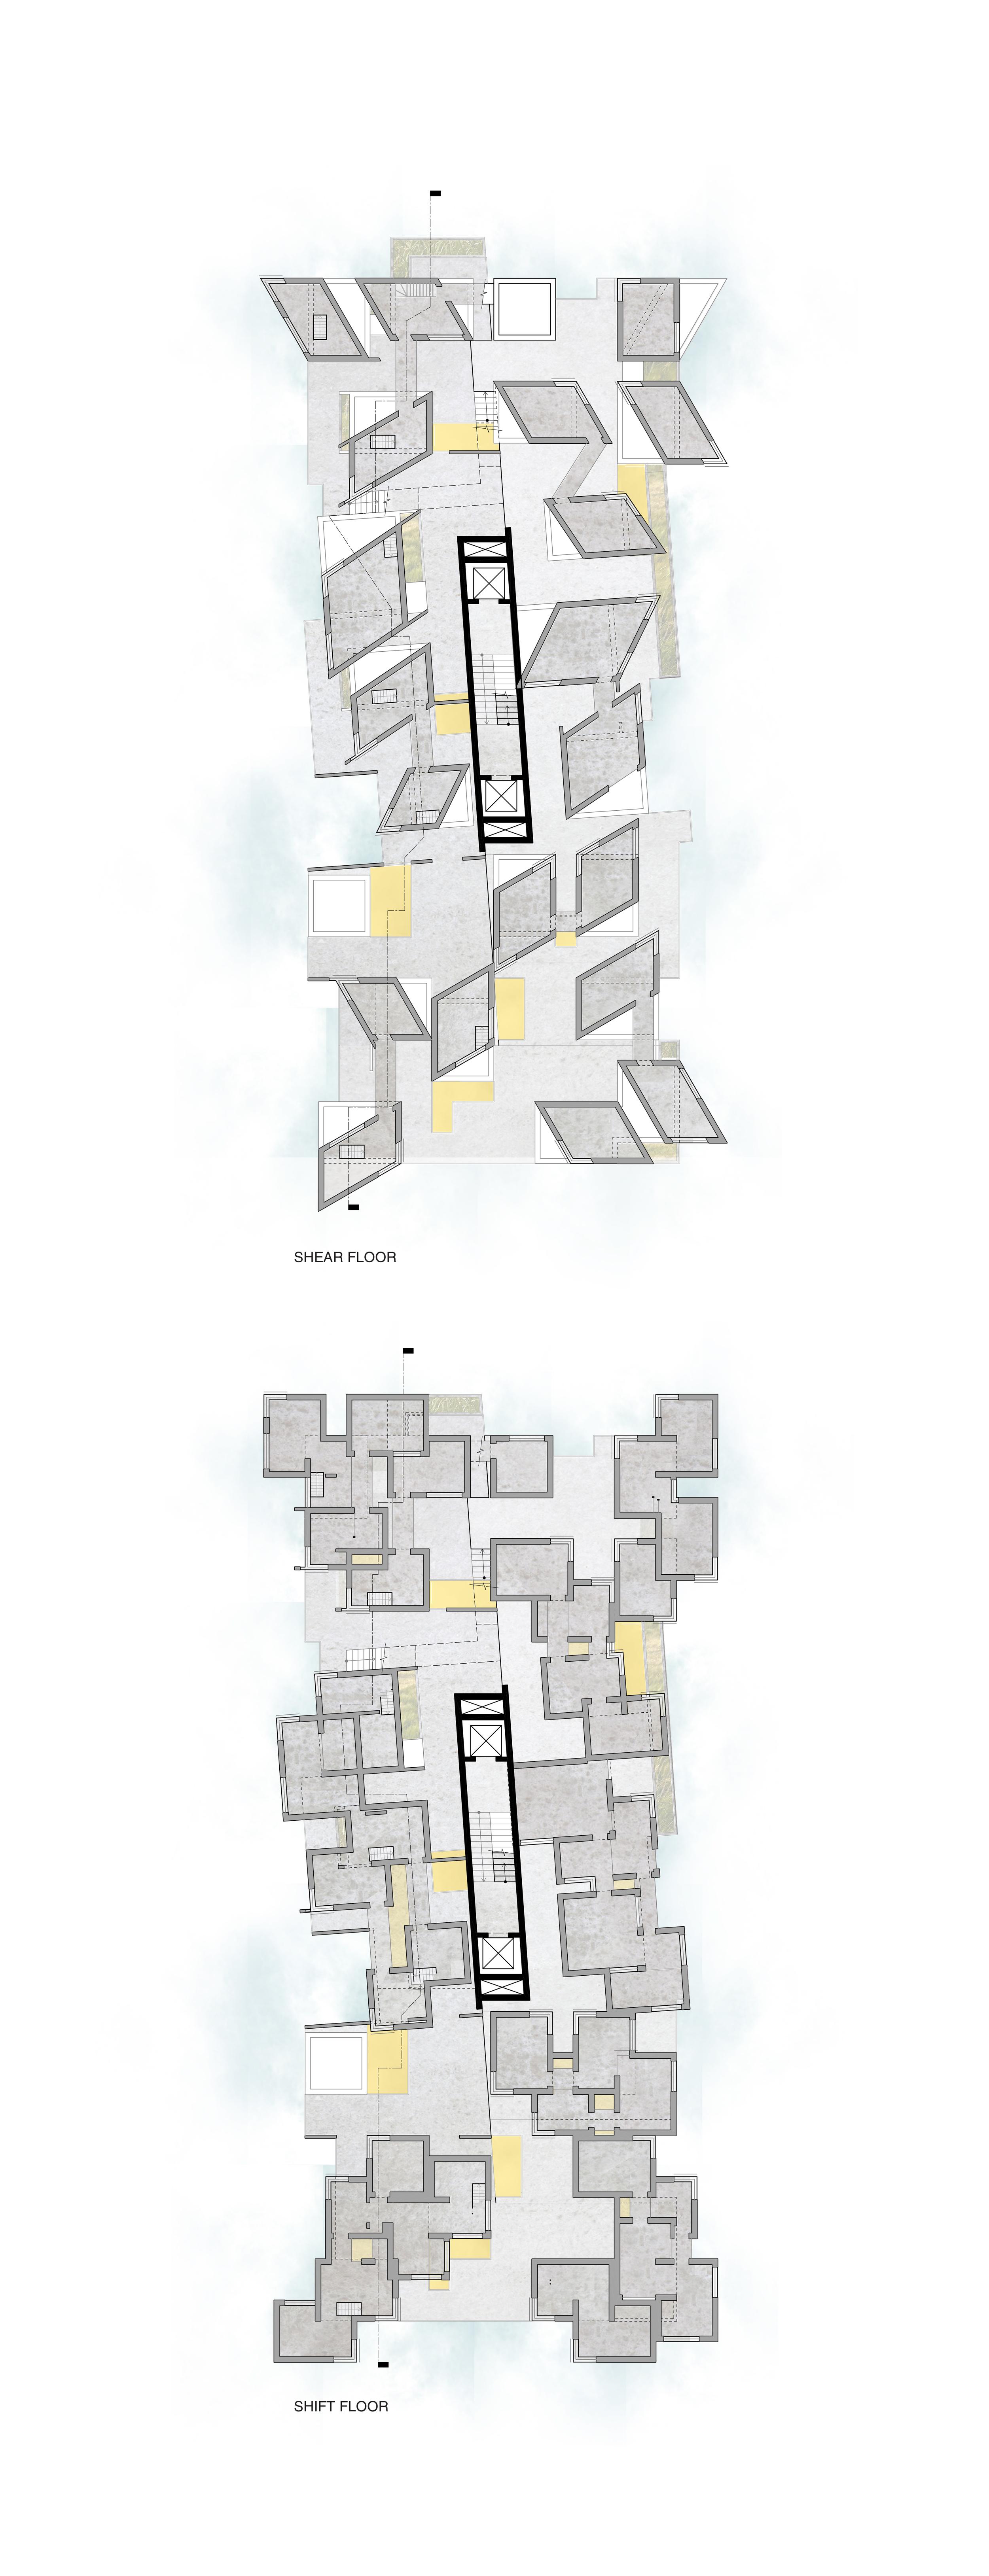 A46 512 07_Ruy_Taurasi_FL14_07_Glitched Floor Plans_2.jpg